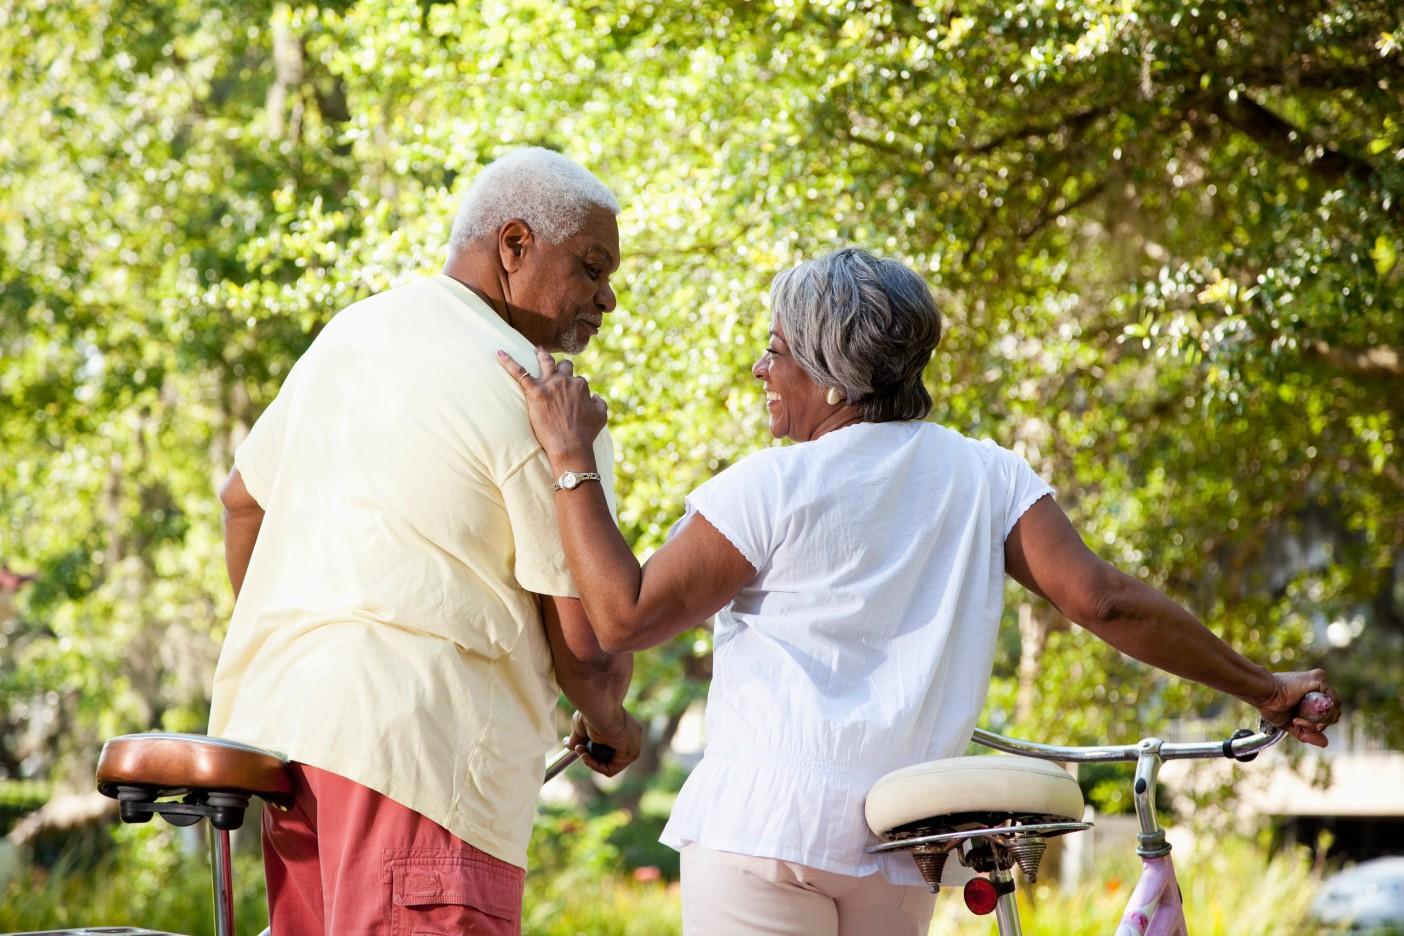 magas vérnyomás kezeléssel kapcsolatos hírek